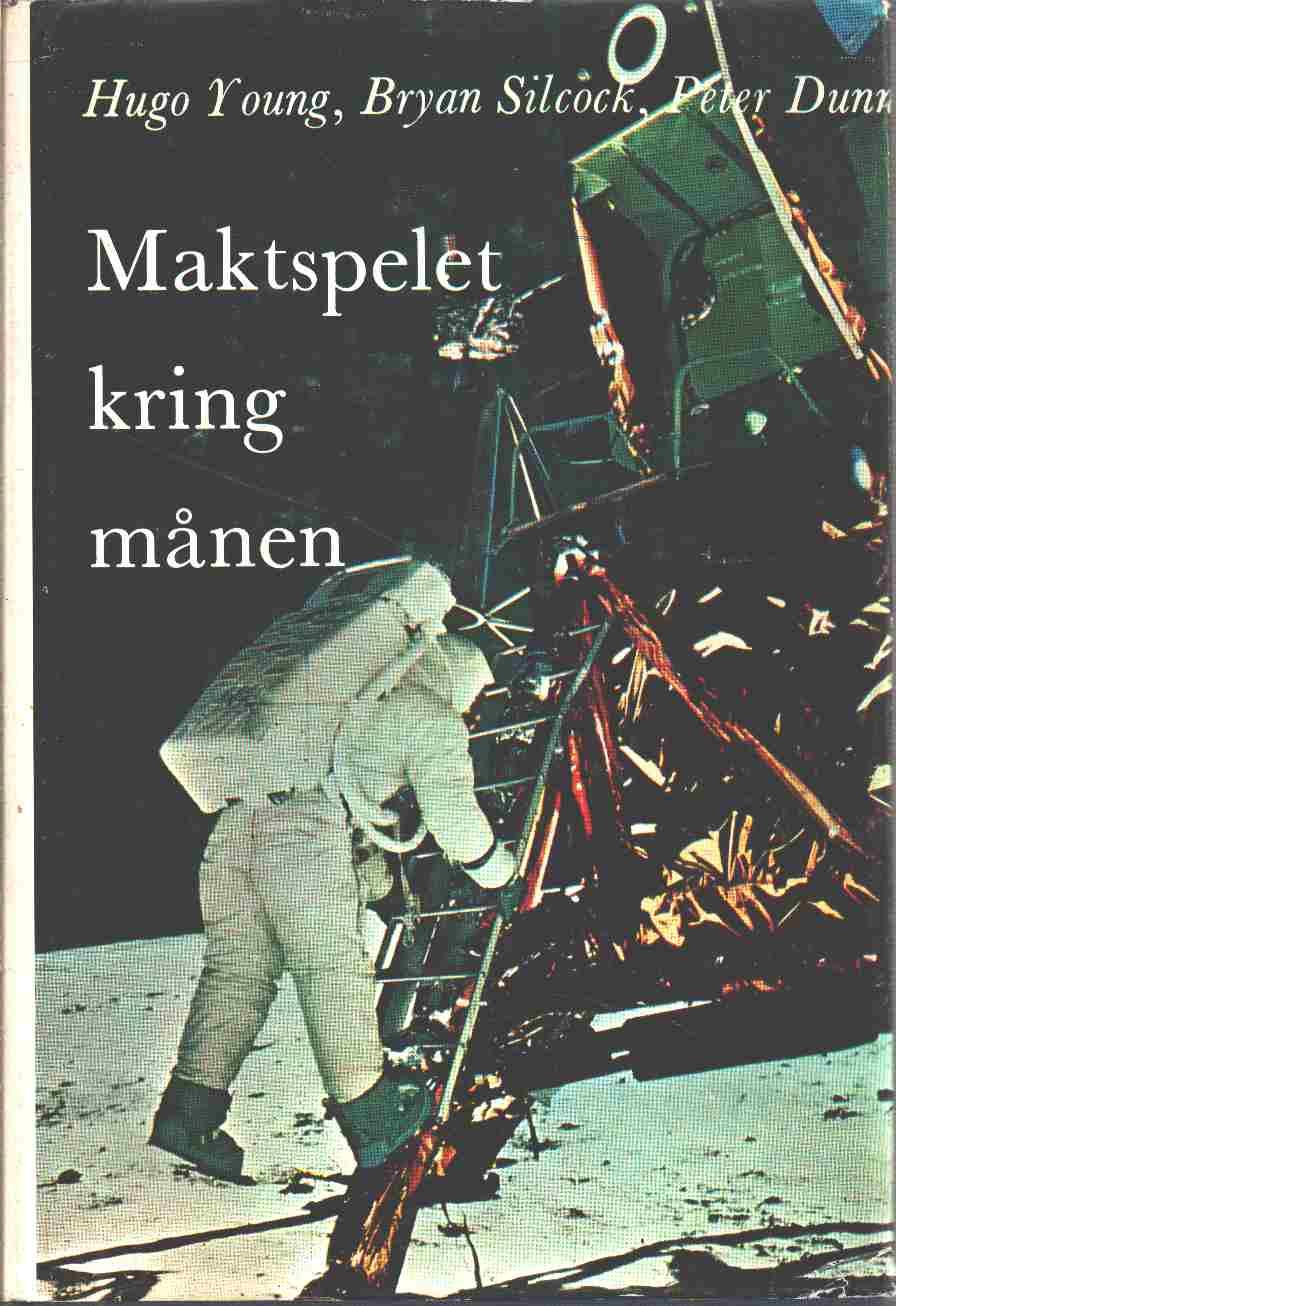 Maktspelet kring månen - Young, Hugo  och Silcock, Bryan samt  Dunn, Peter